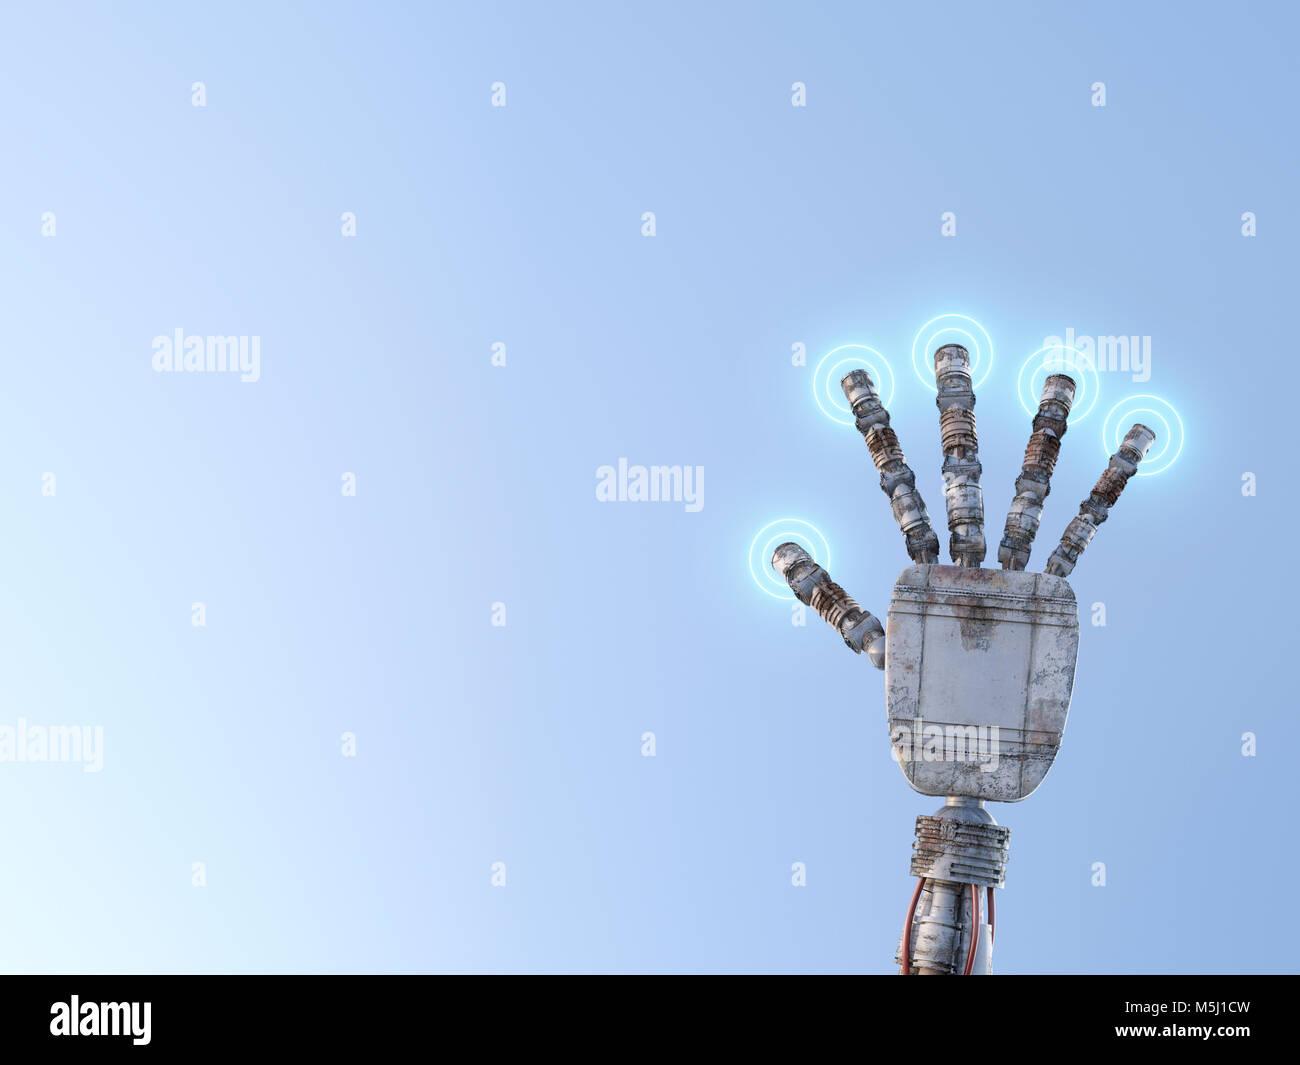 La mano del robot pulsando los botones iluminados Imagen De Stock